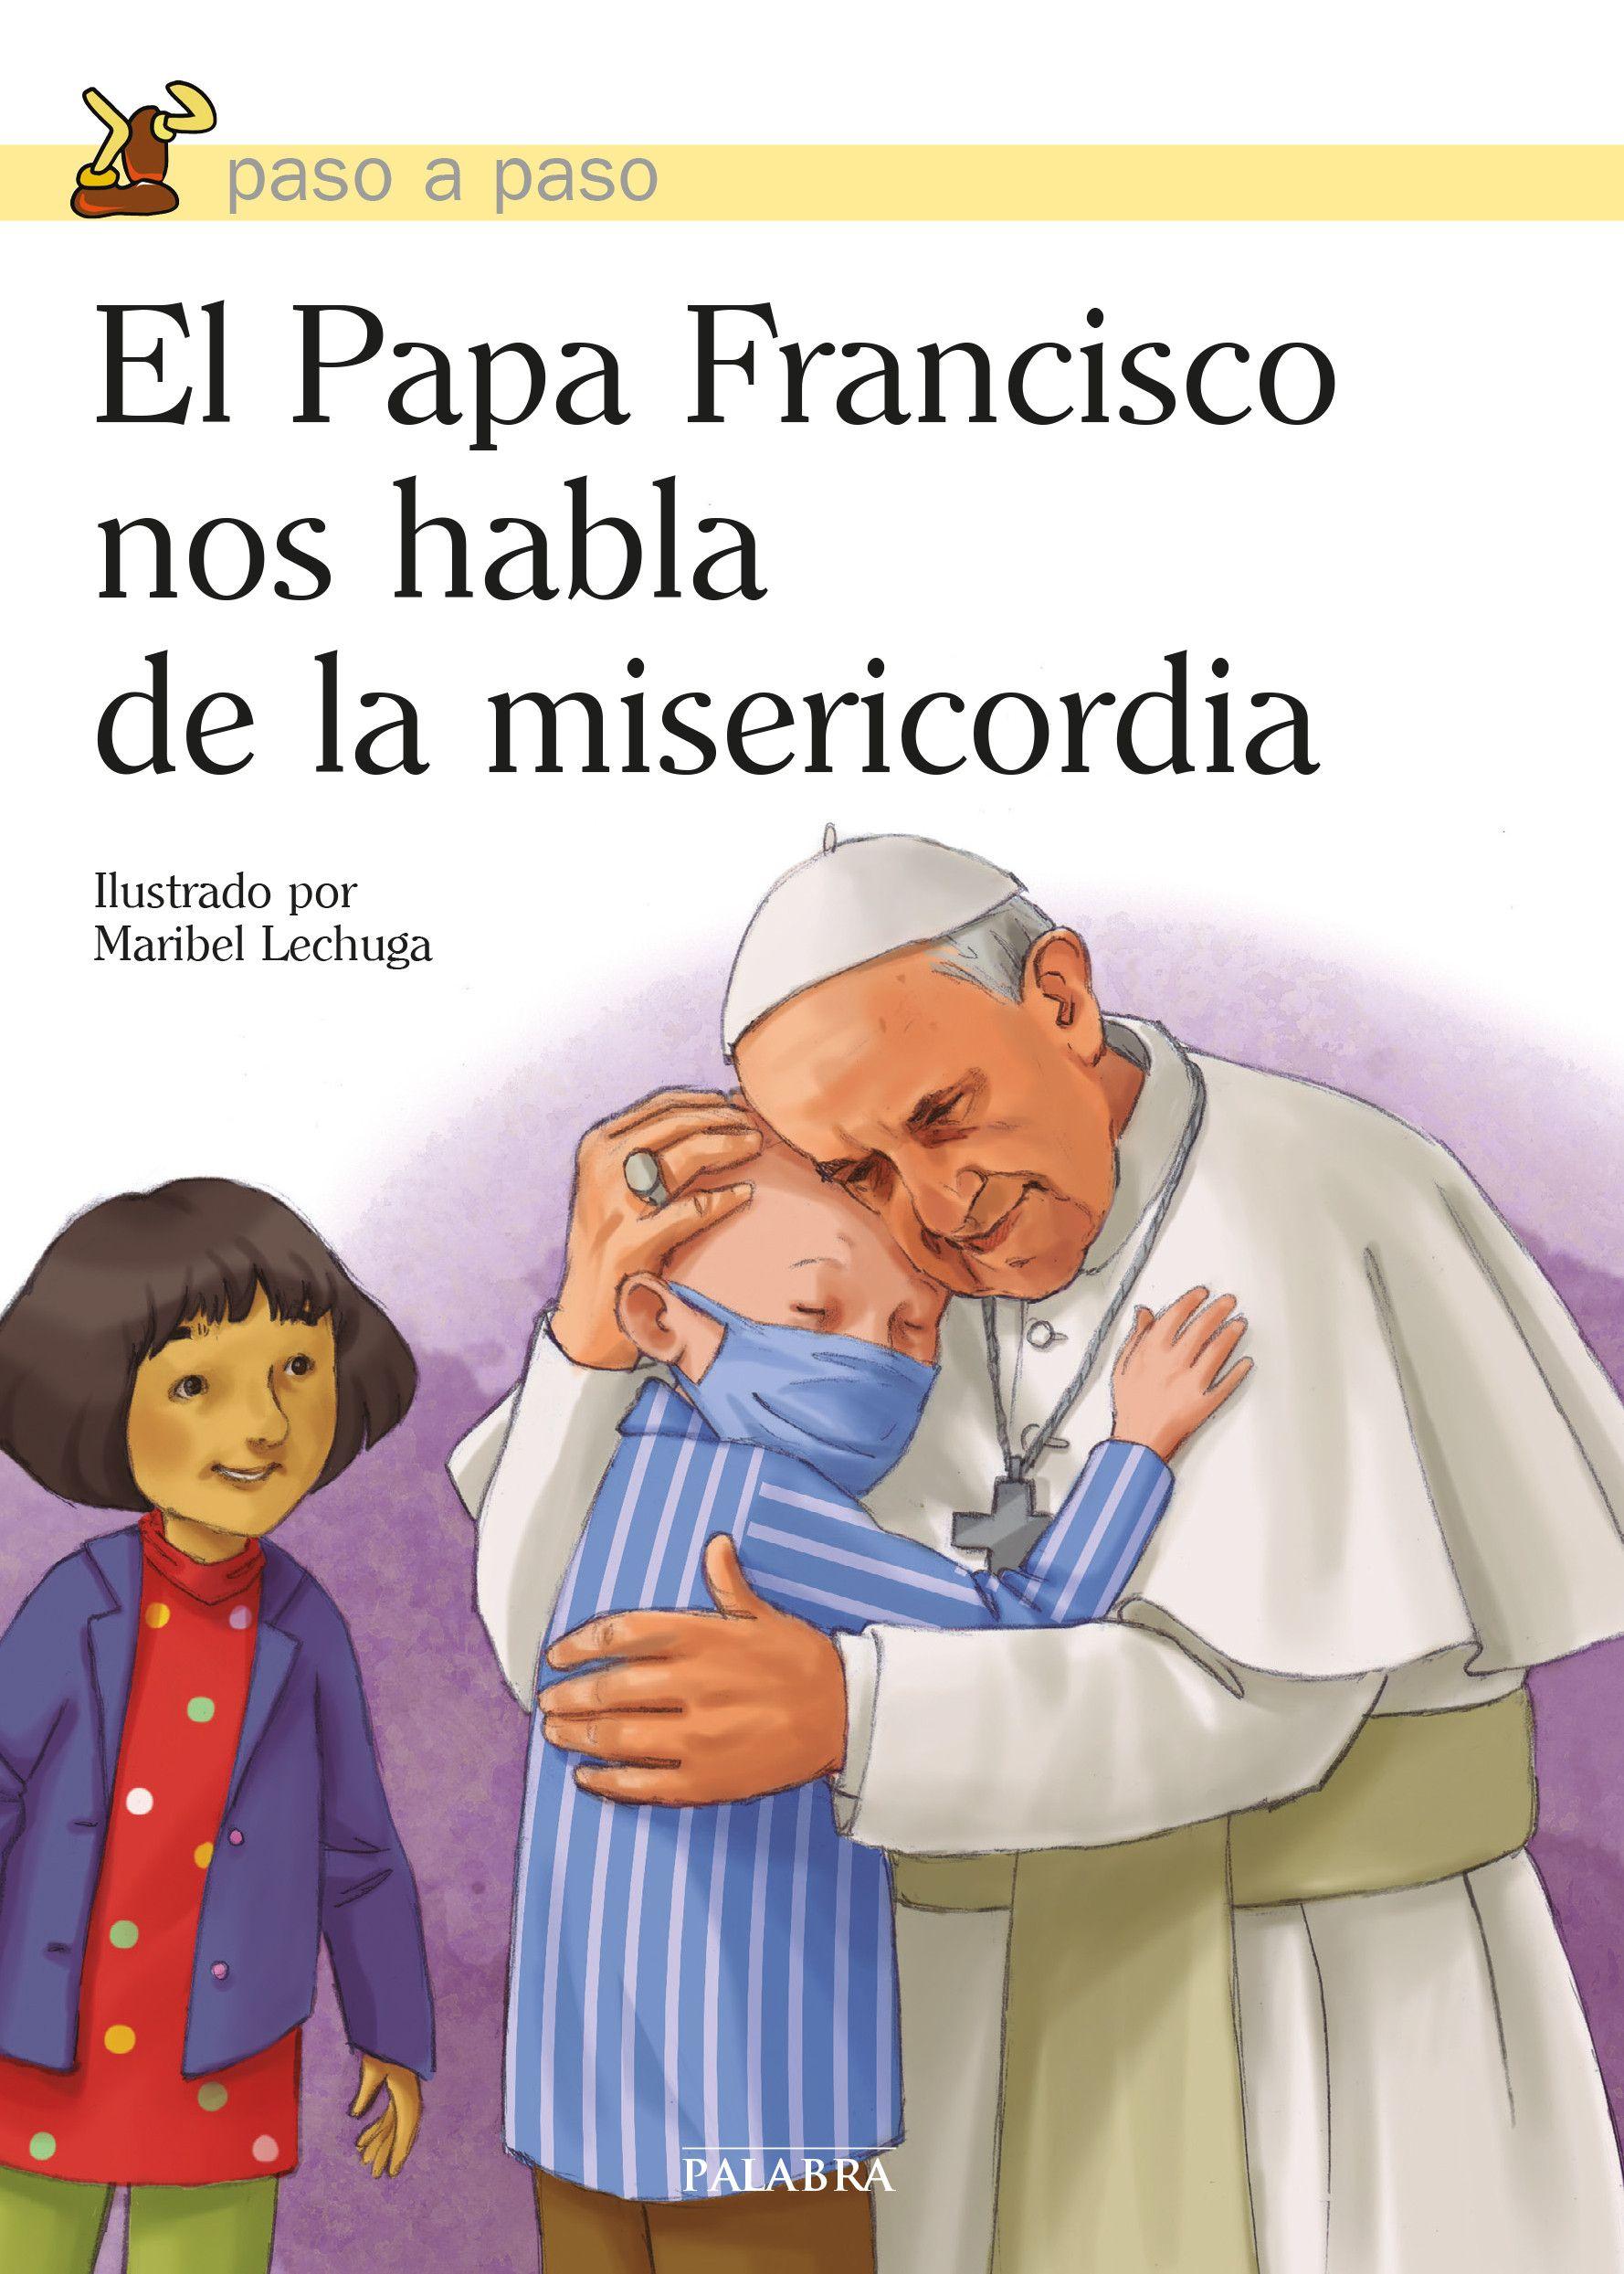 Papa Francisco nos habla de la misericordia, El